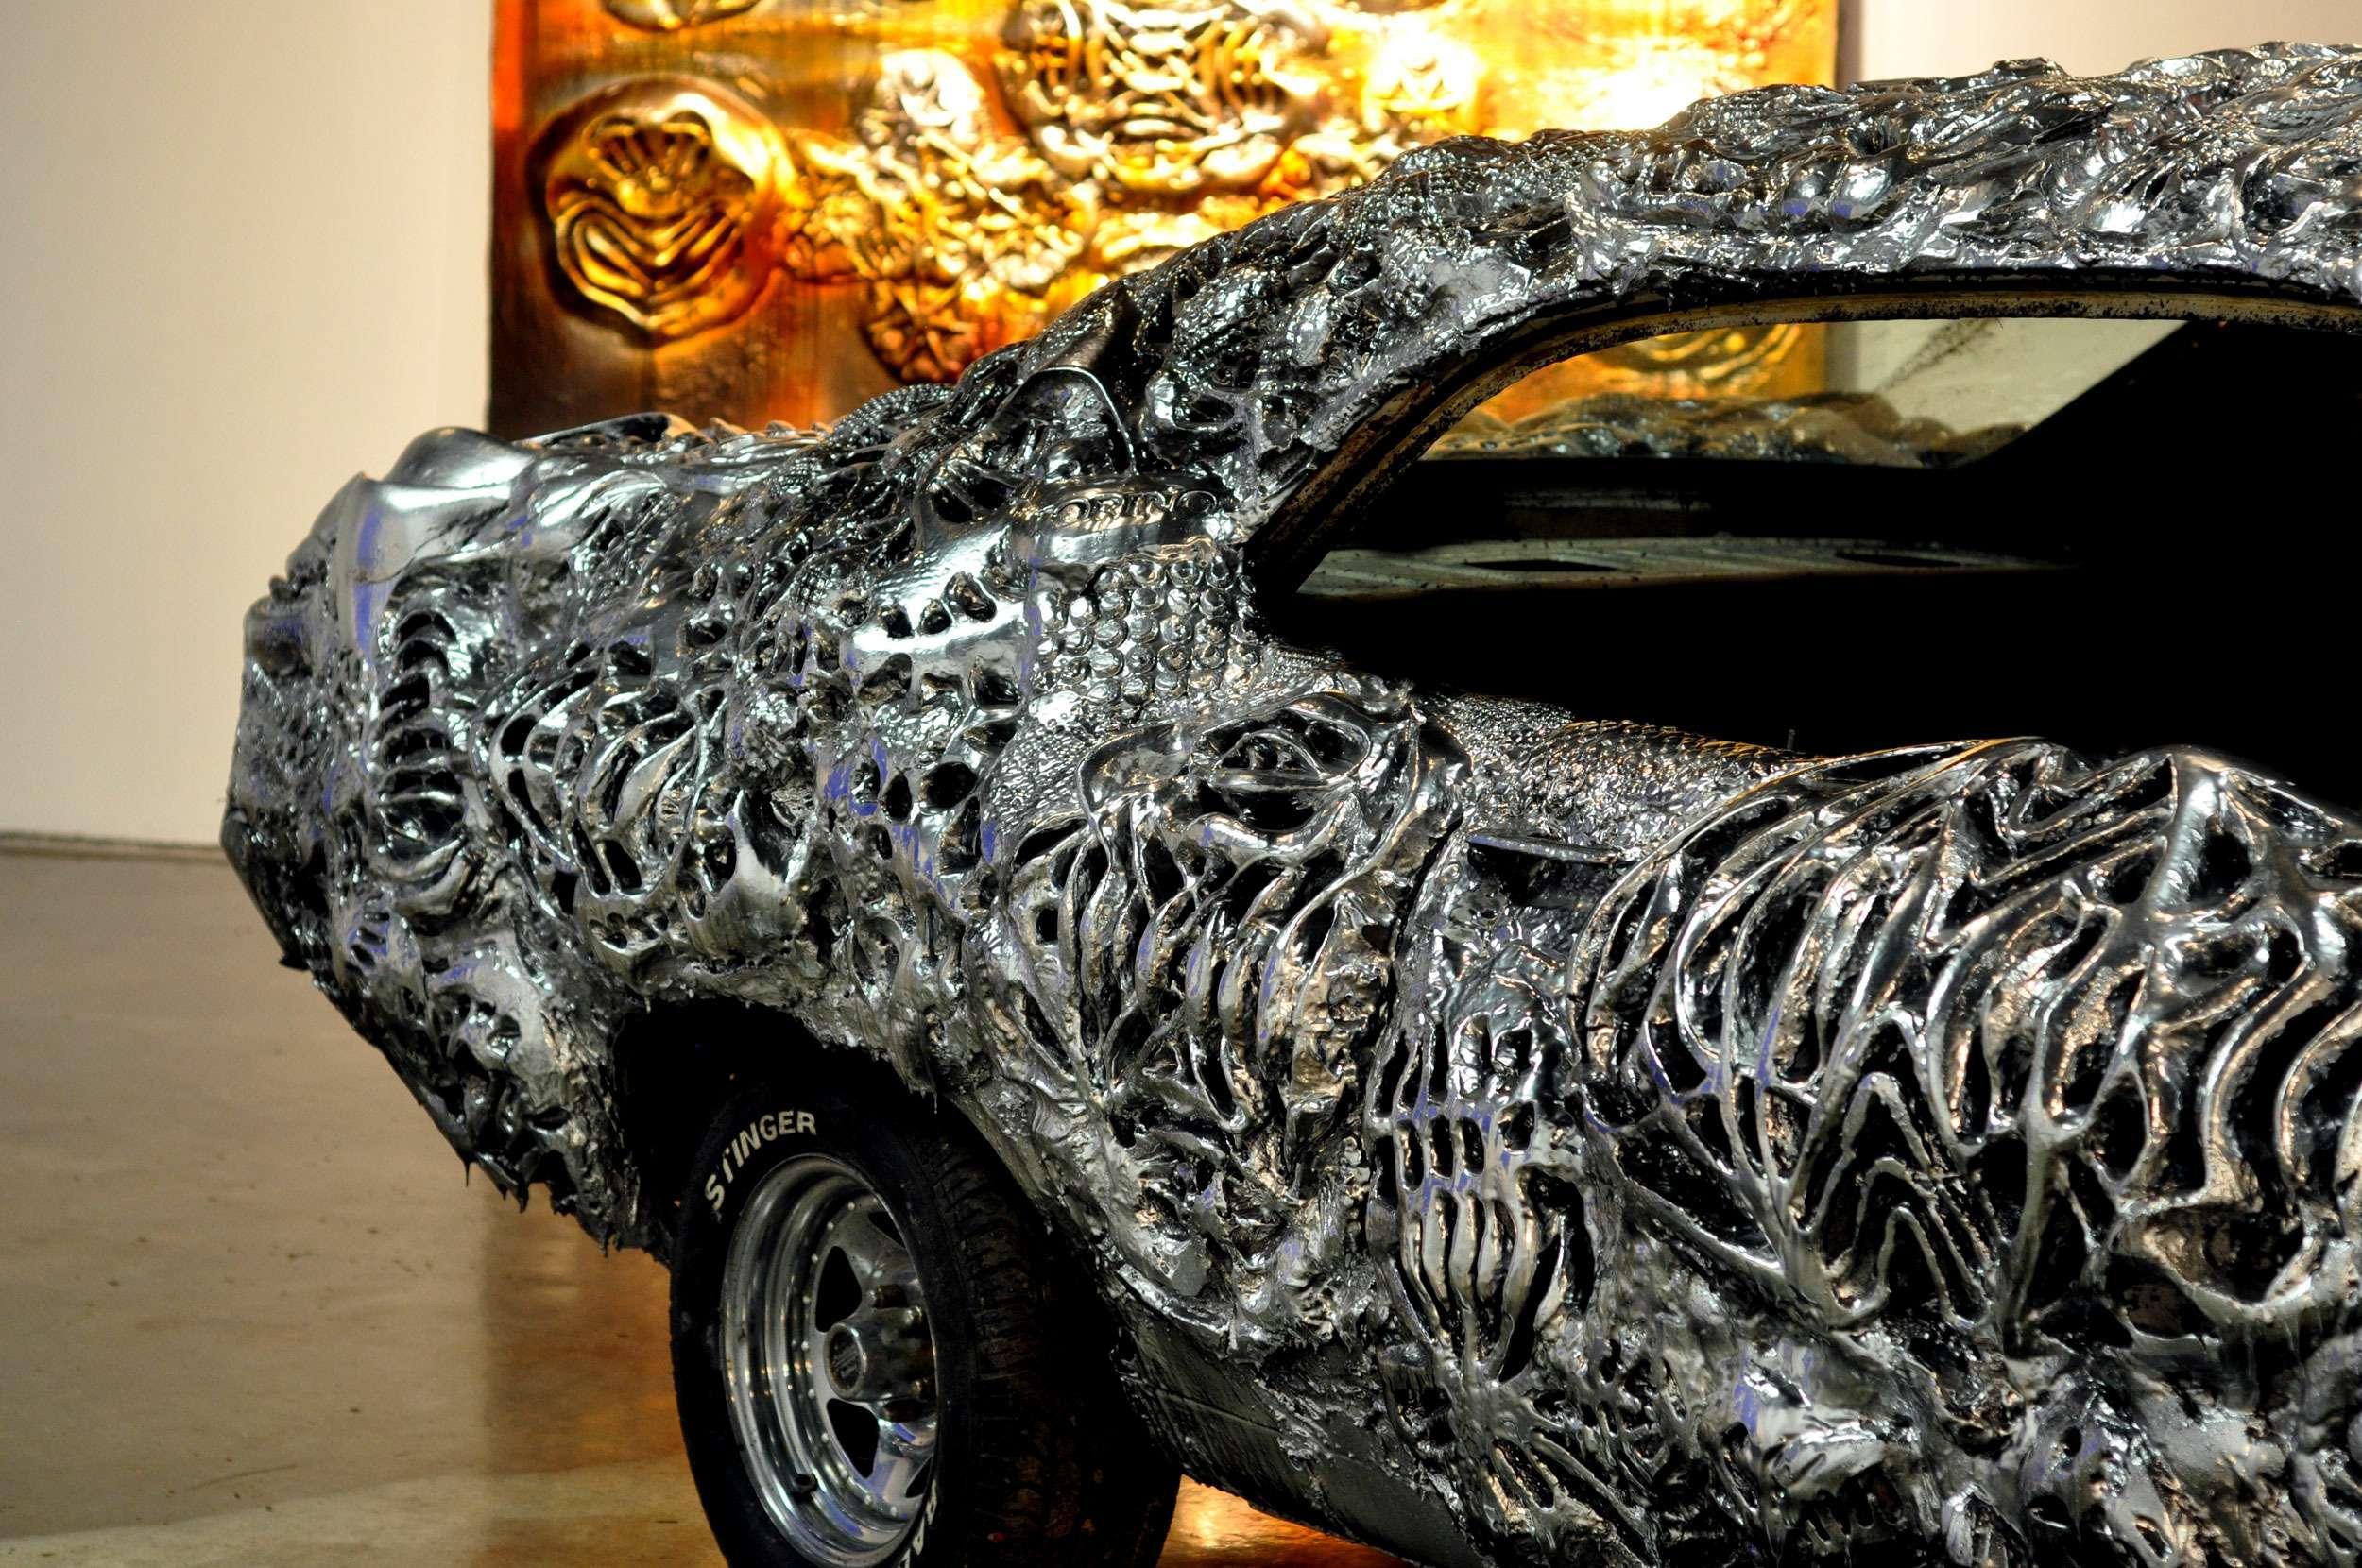 Автомобиль-ужас из3D-принтера: распечатал ипродал— фото 695703